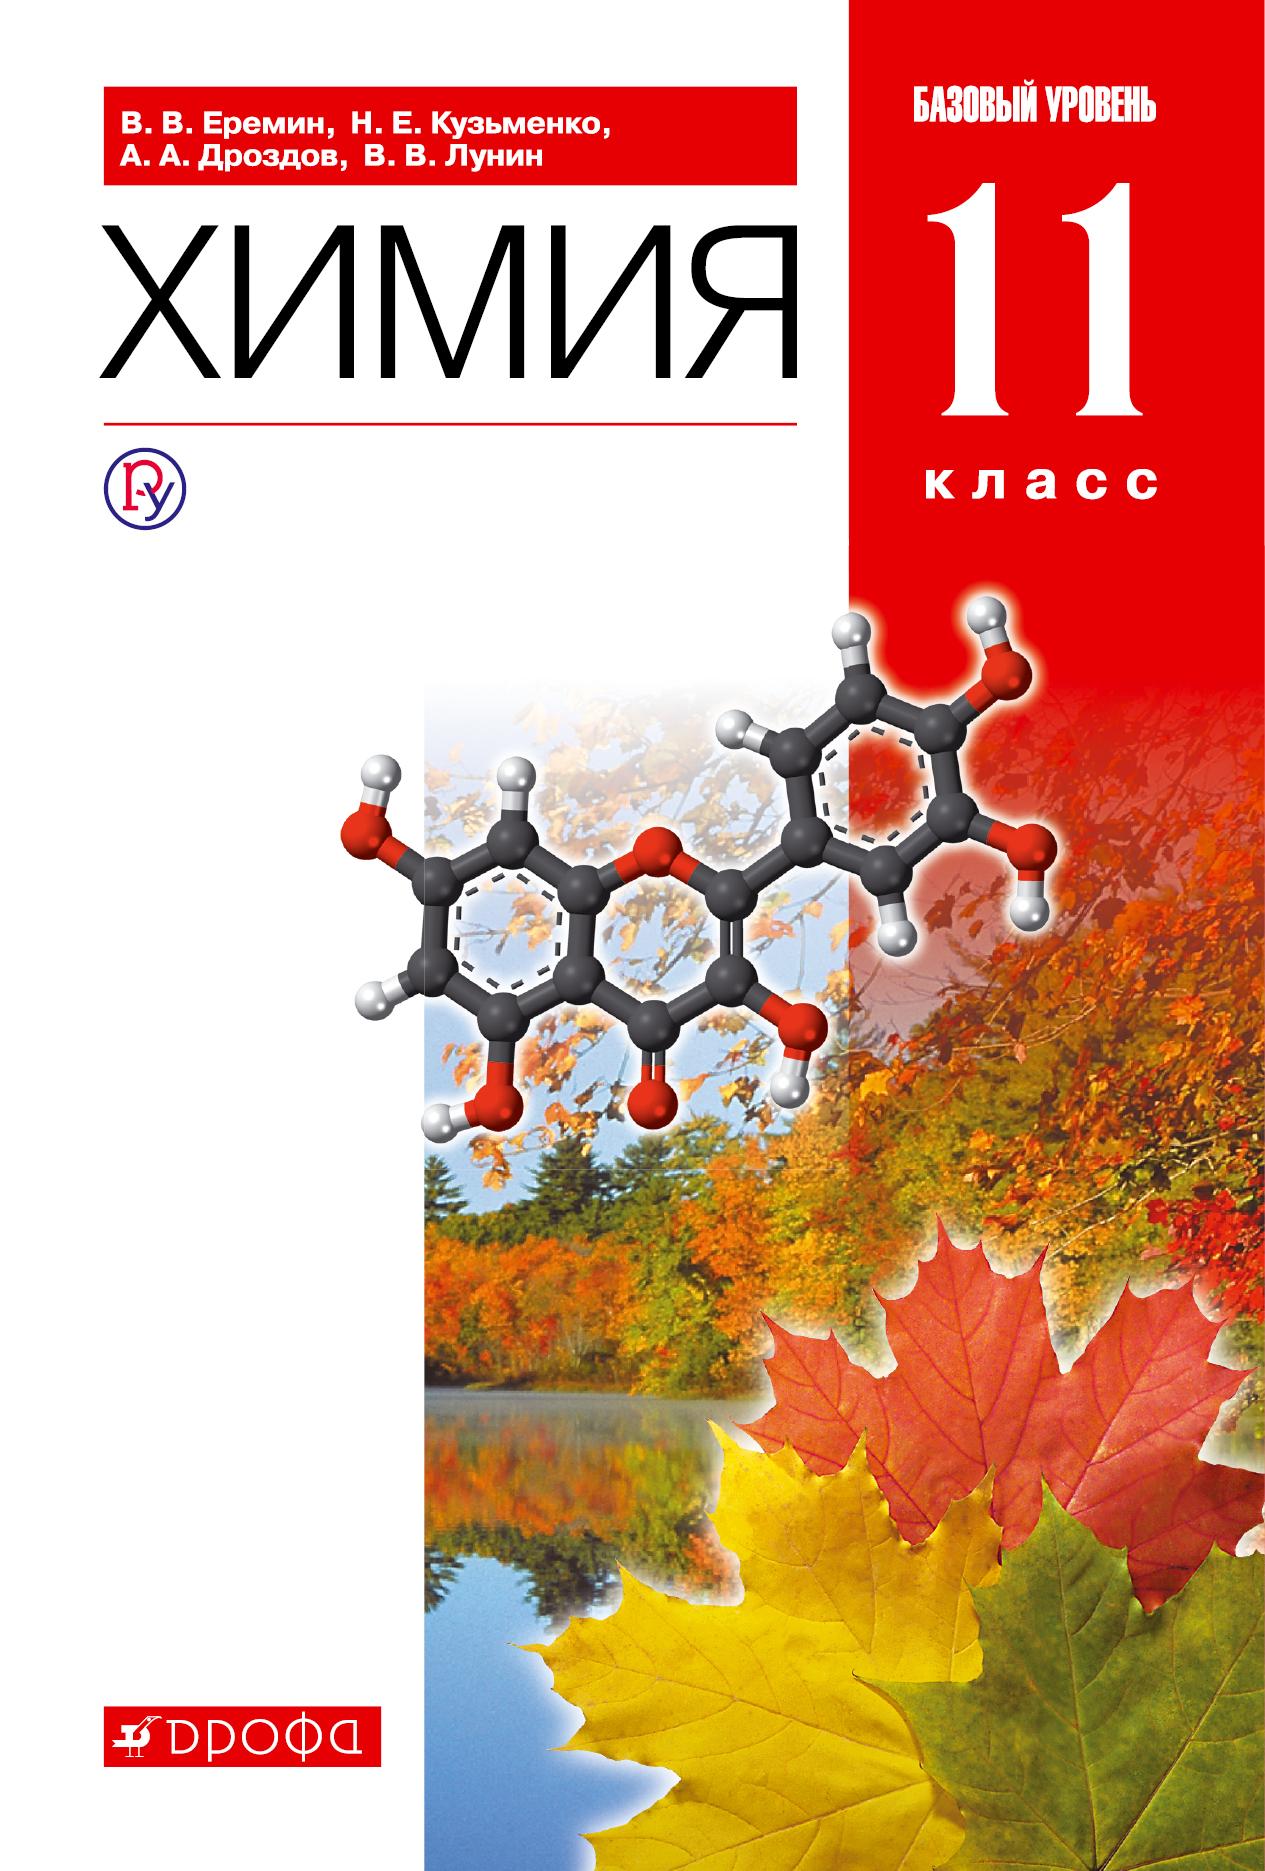 Еремин В.В., Кузьменко Н.Е., Дроздов А.А., Лунин В.В. Химия. Базовый уровень. 11 класс. Учебник.